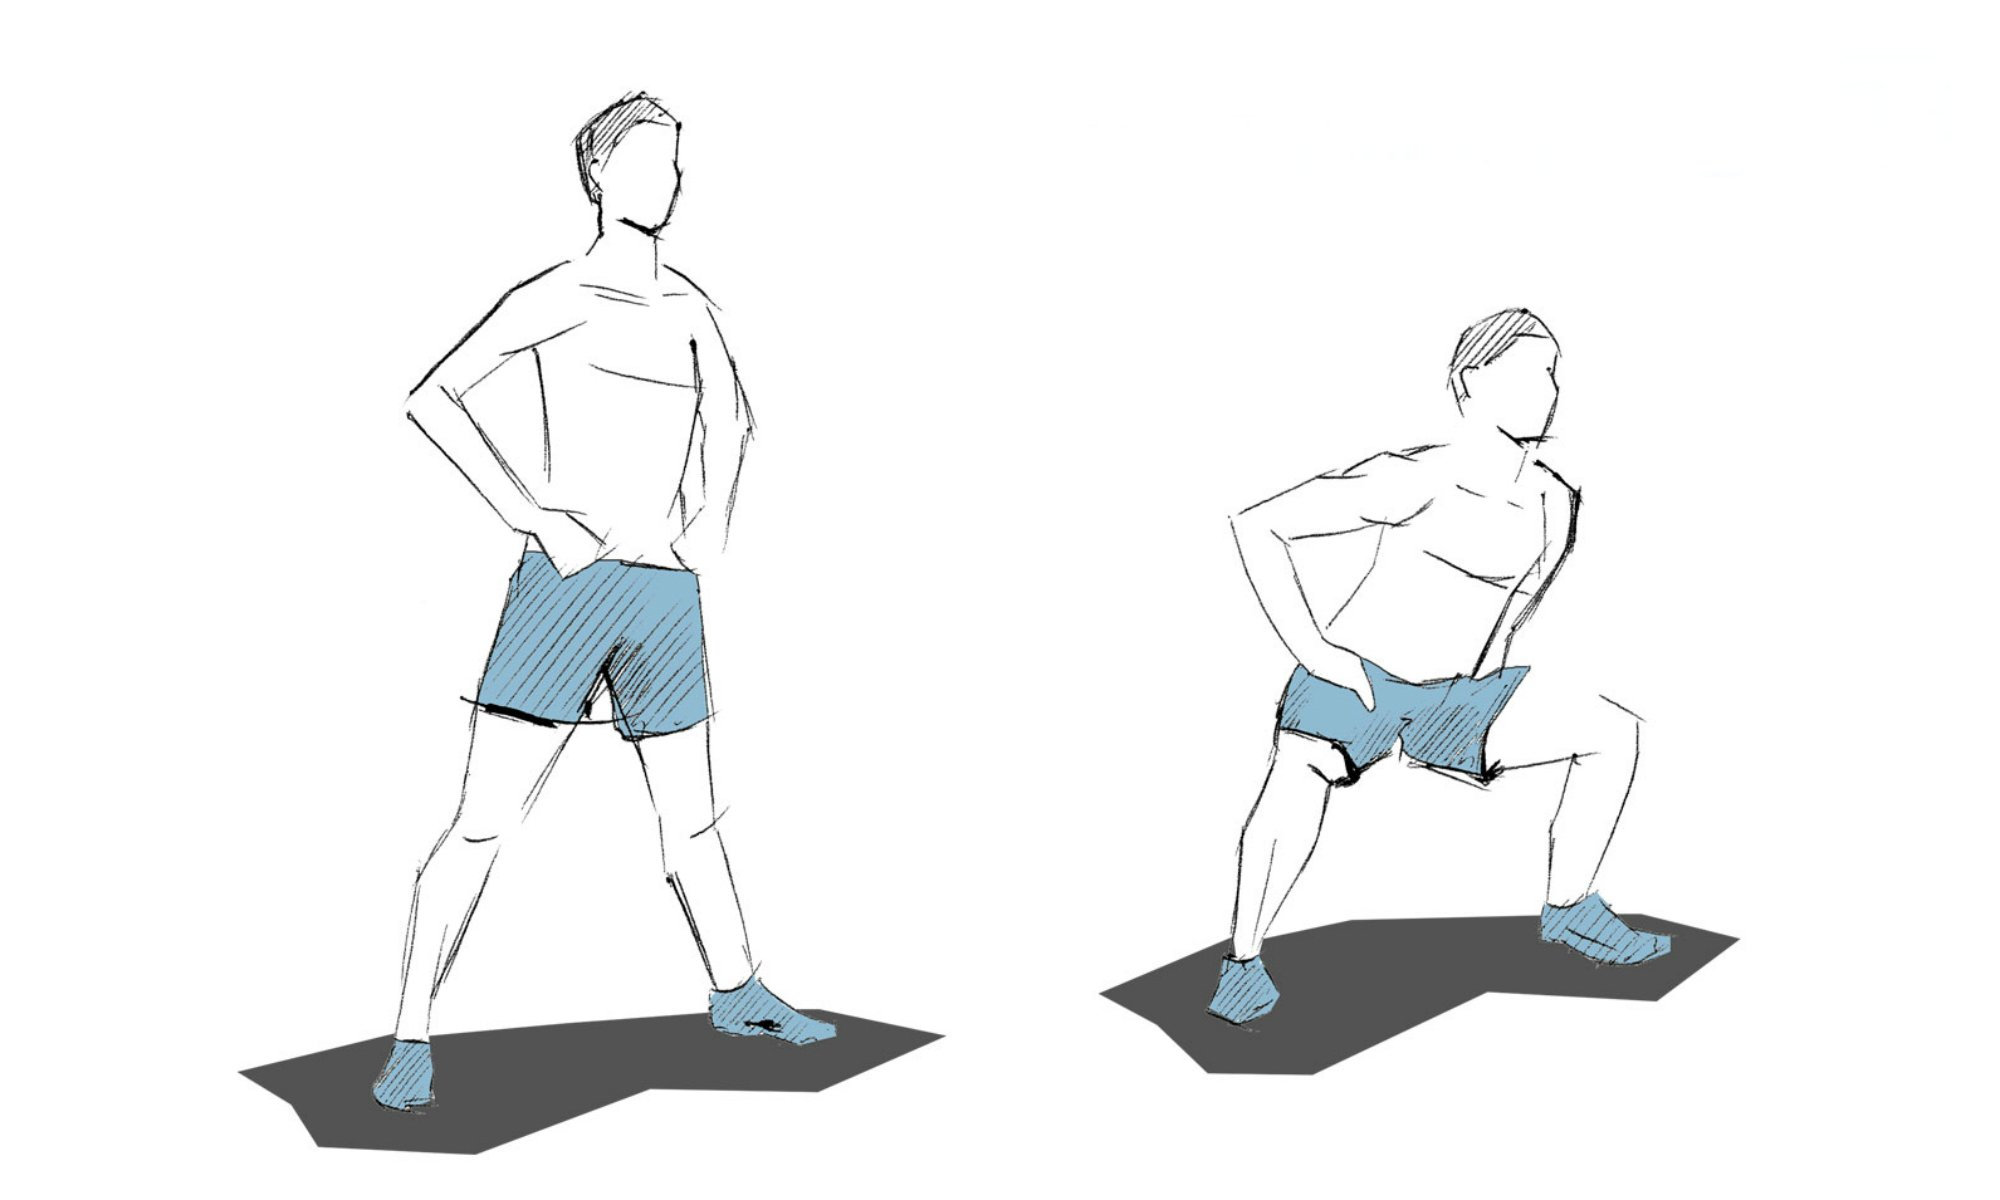 Met een sumo squat staan je benen verder uit elkaar waardoor je je bovenbenen nog meer aanspant.